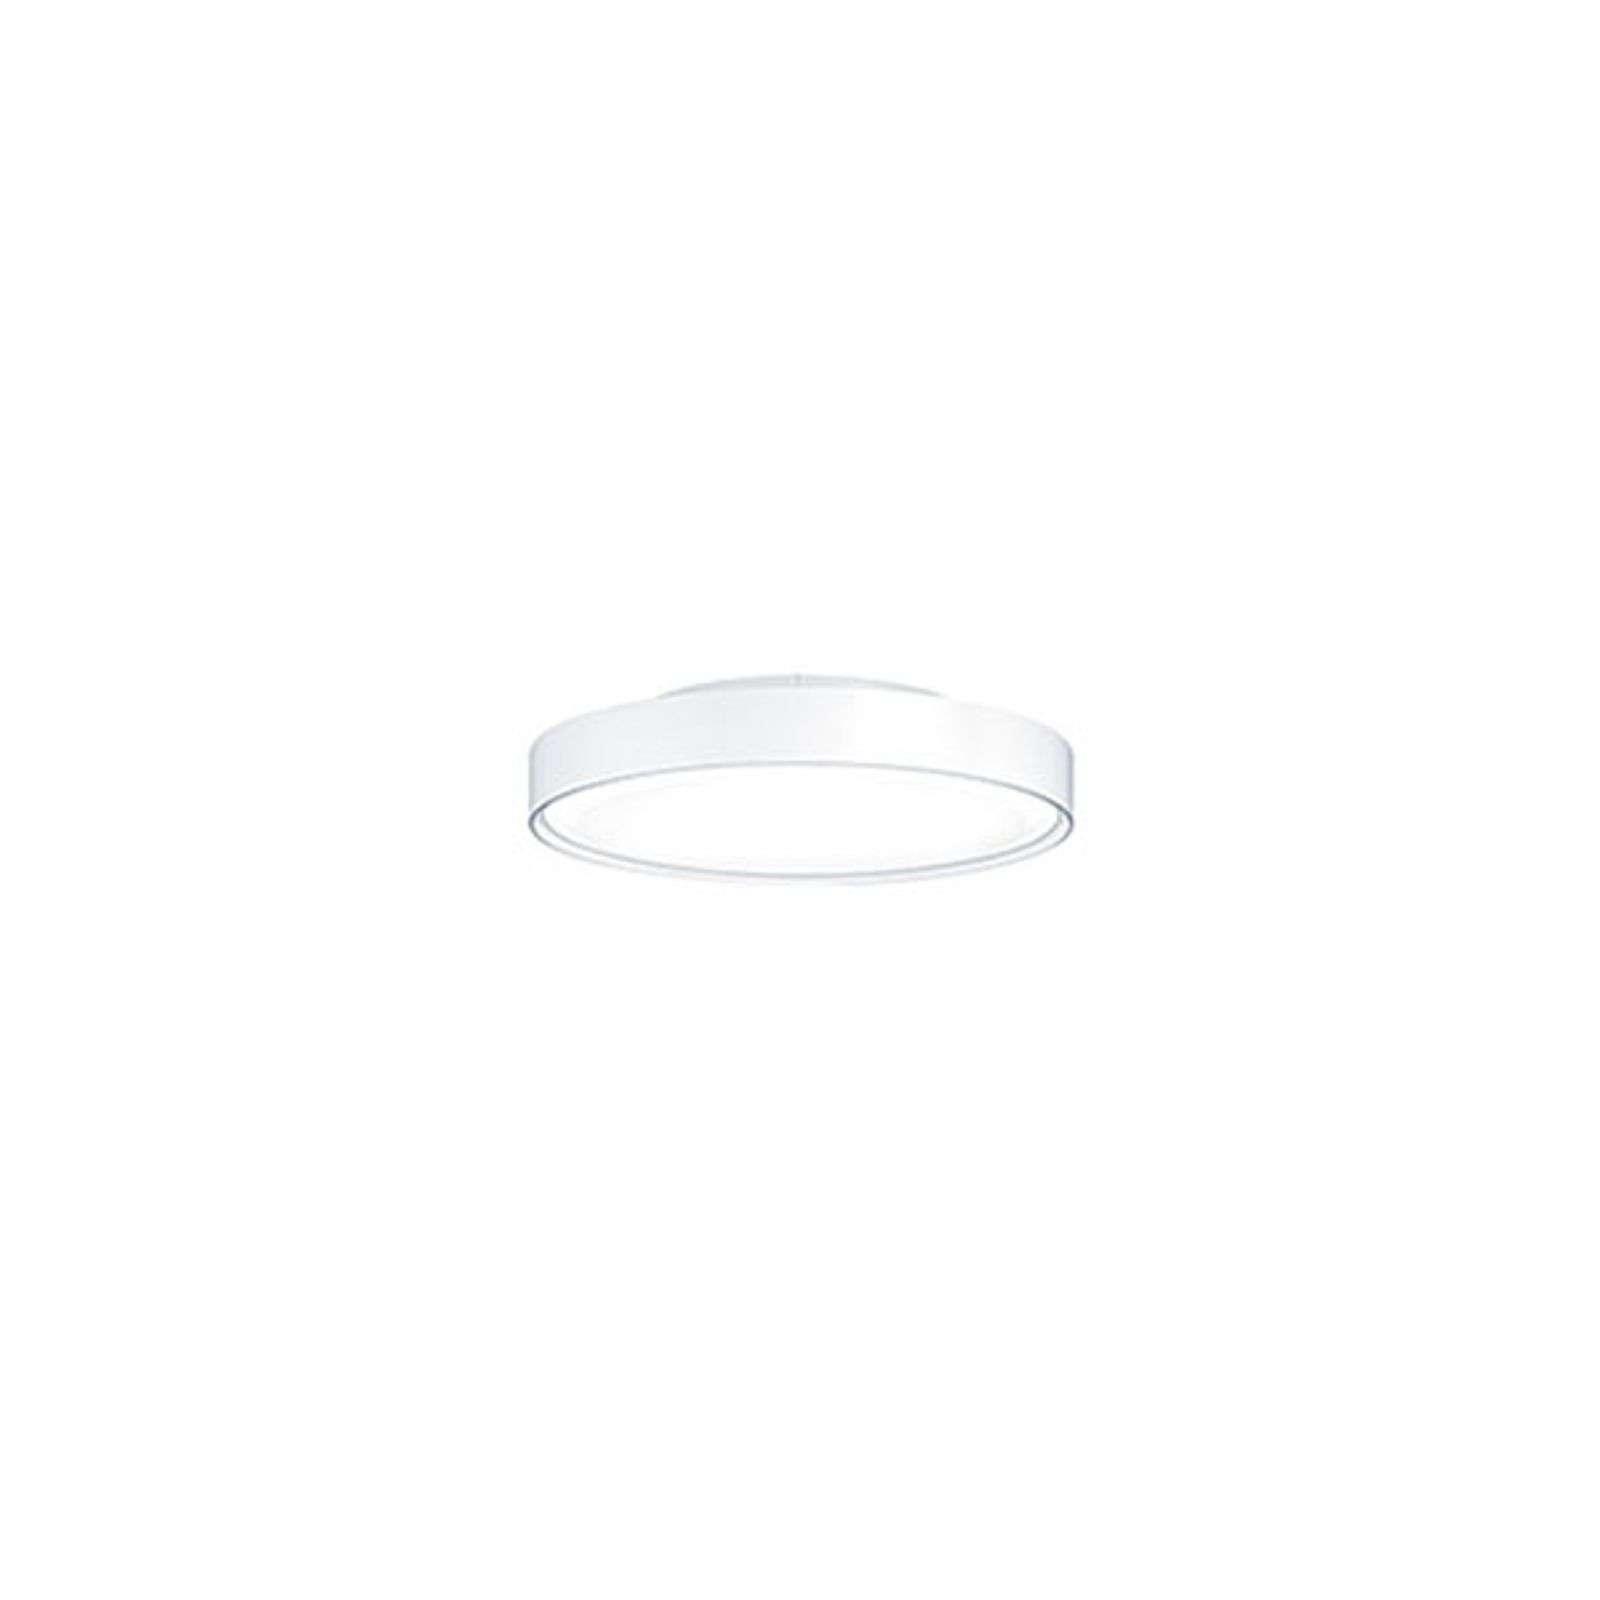 Zumtobel Ondaria II Deckenleuchte weiß 40cm 4.000K